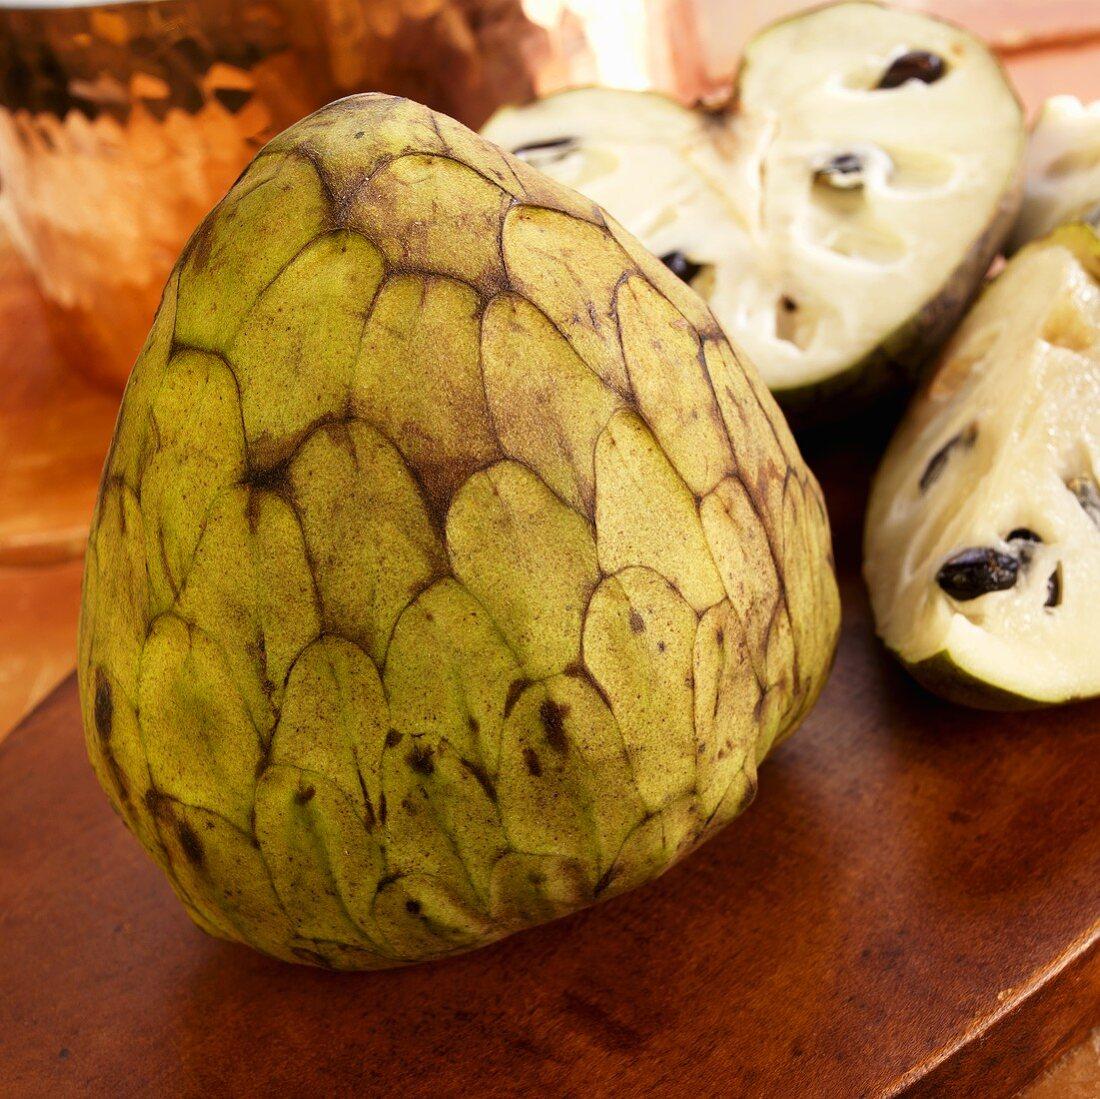 Whole Cherimoya Fruit with Sliced Cherimoya Fruit